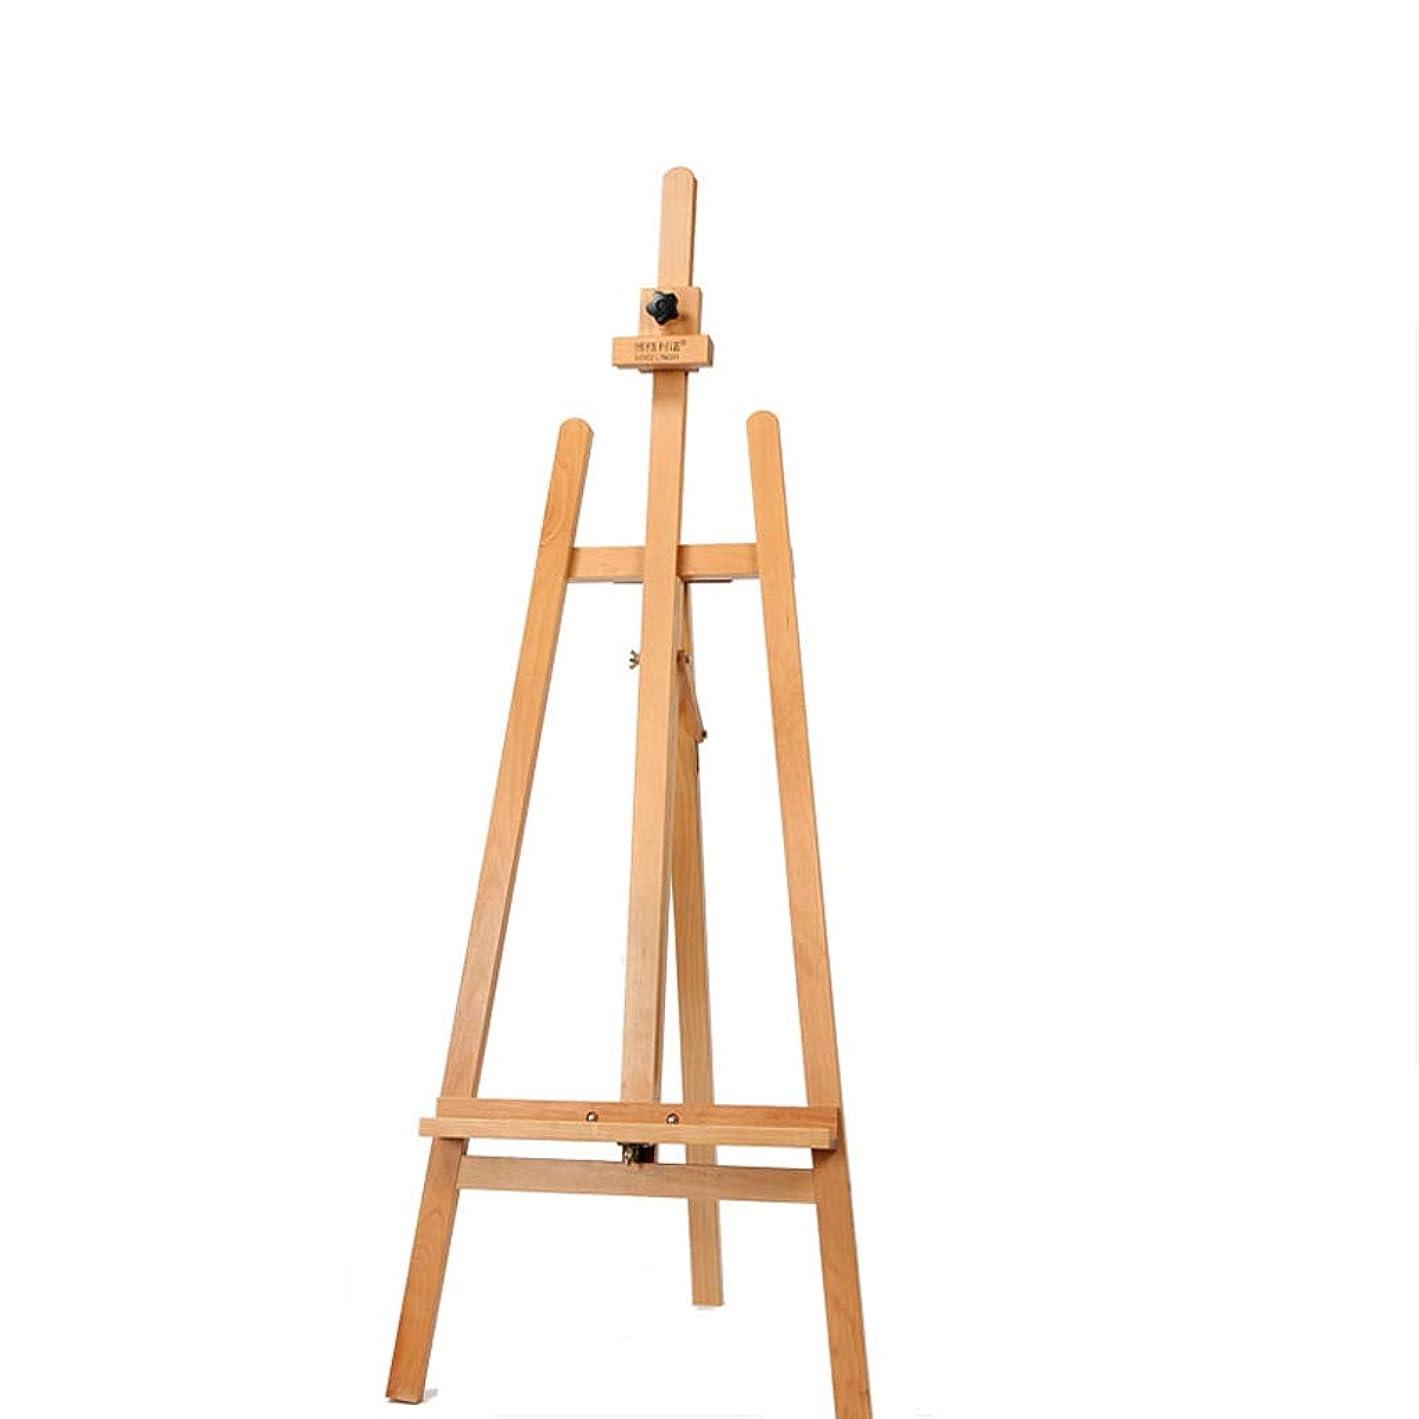 ハブブ広大なマラウイHBJP 折る多機能の純木のイーゼルは、屋内で使いやすい、広告の表示の上に座るために上げ下げすることができます イーゼル